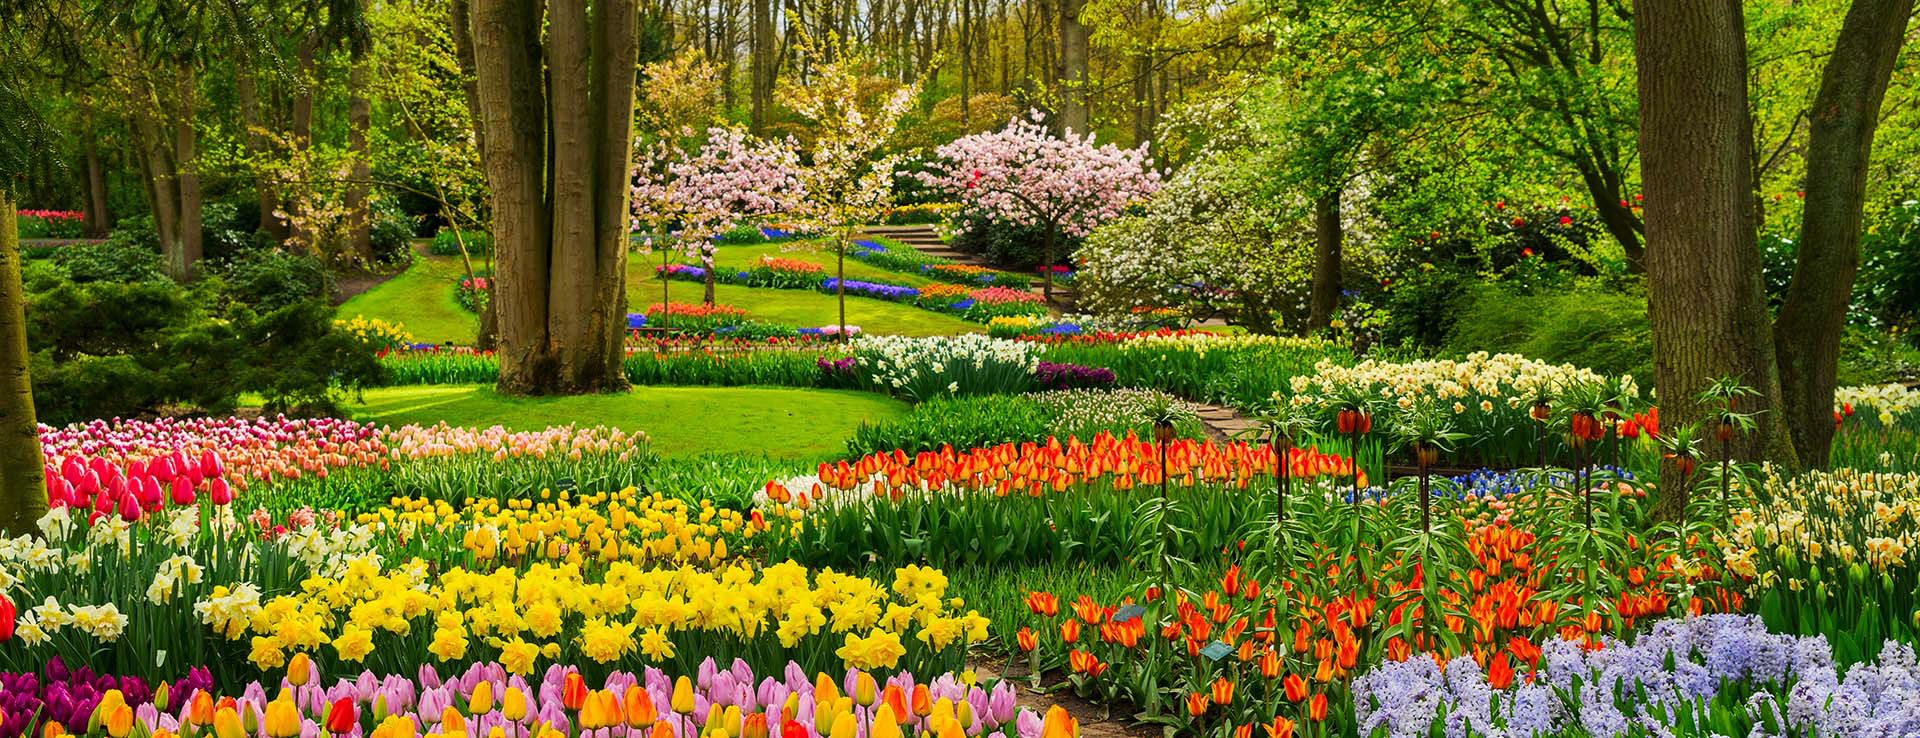 du lịch Hà Lan hoa tulip